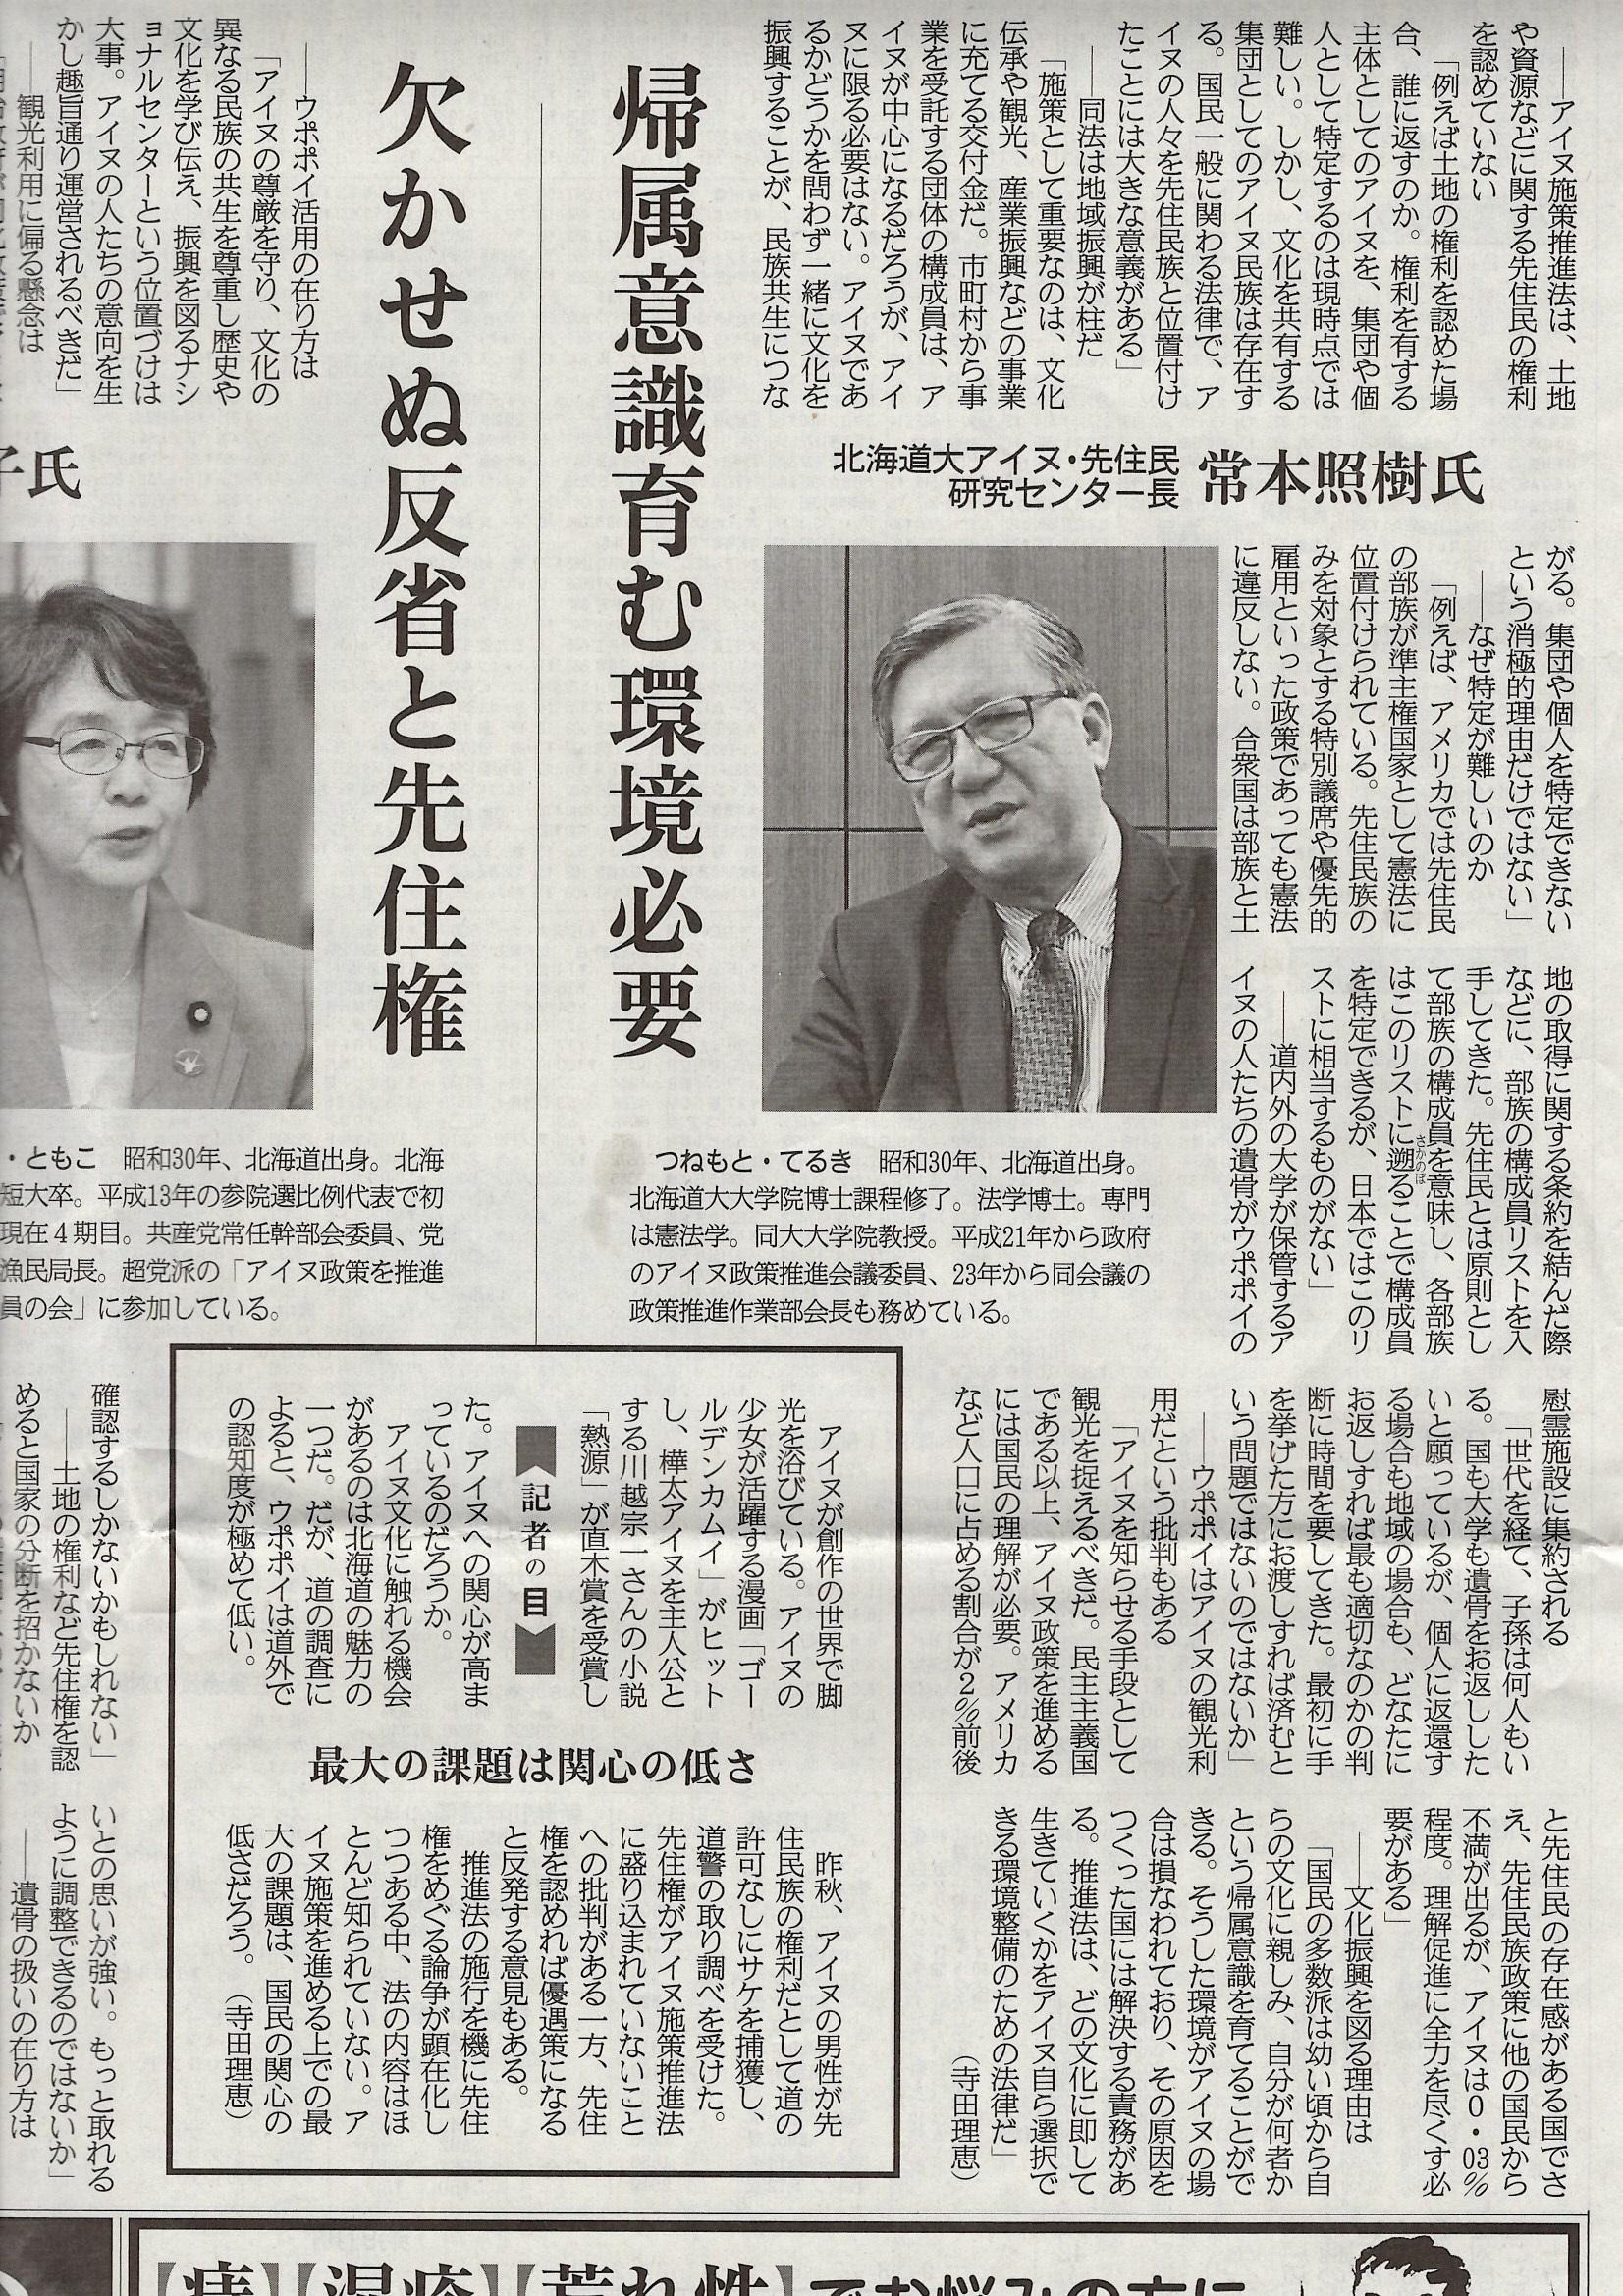 【日本の議論】アイヌ施策の在り方は? 「帰属意識育む環境を」「欠かせぬ反省と先住権」20200222 2